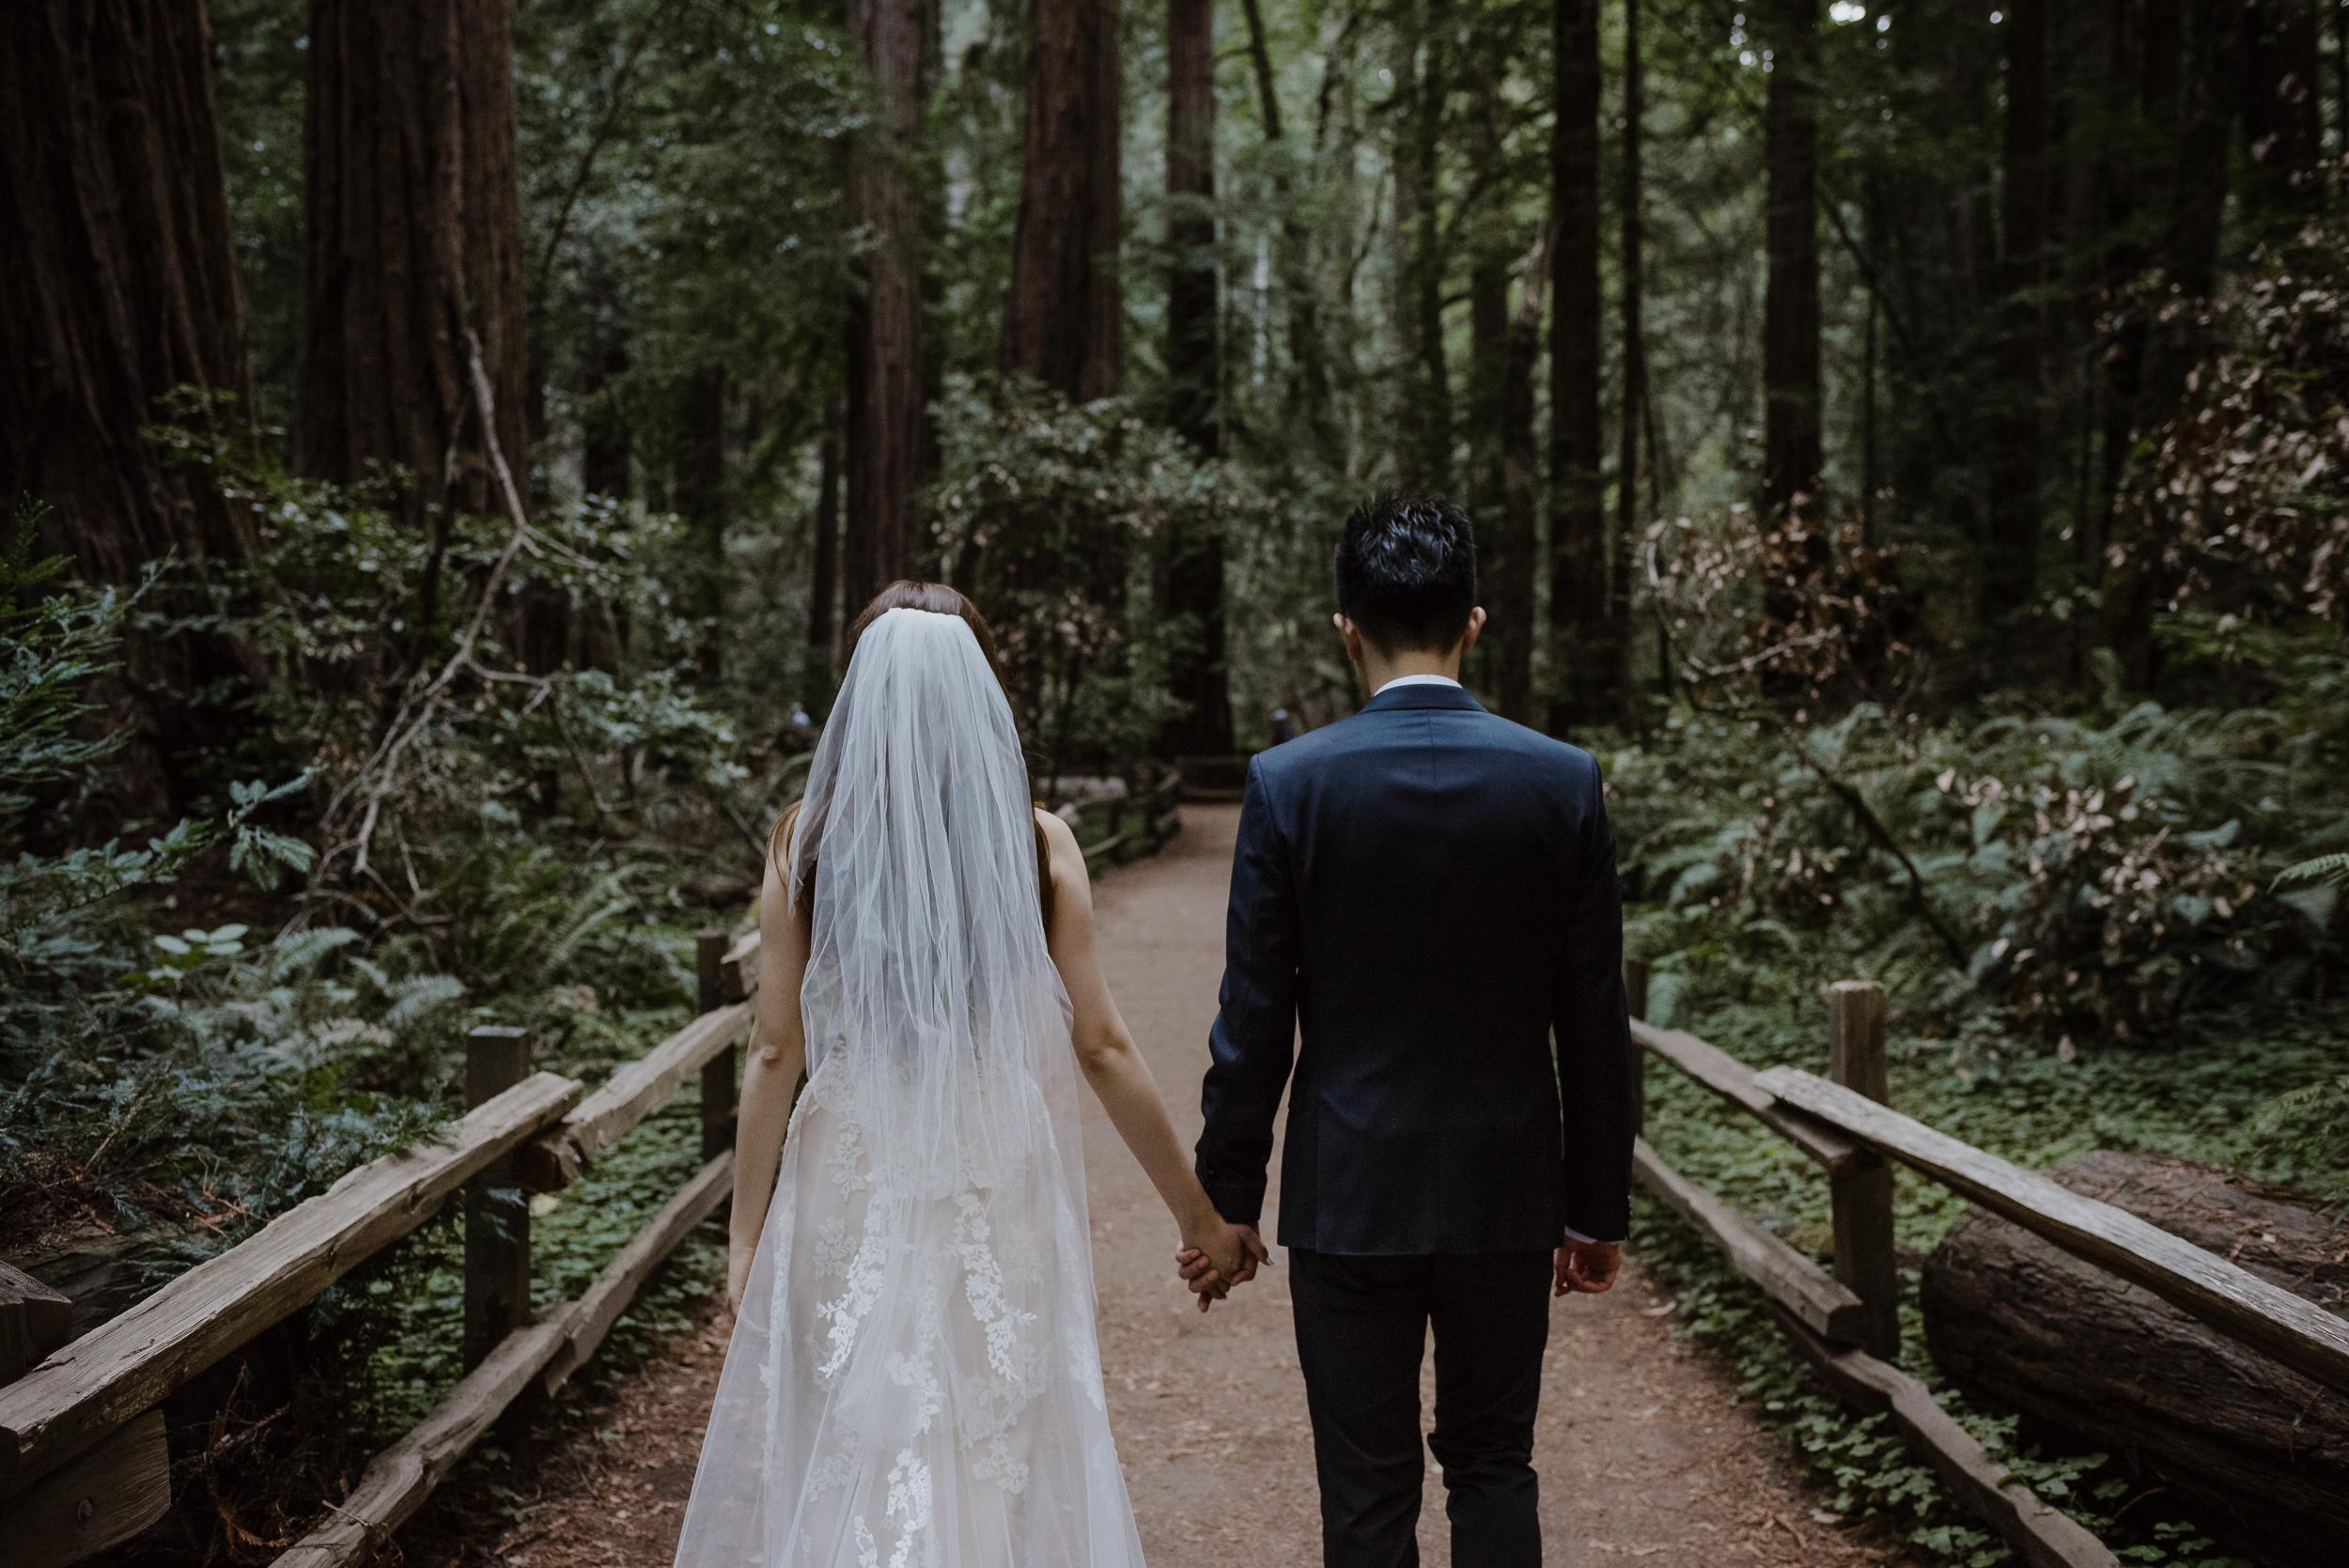 04-muir-woods-wedding-engagement-portrait-session-vivianchen-078.jpg